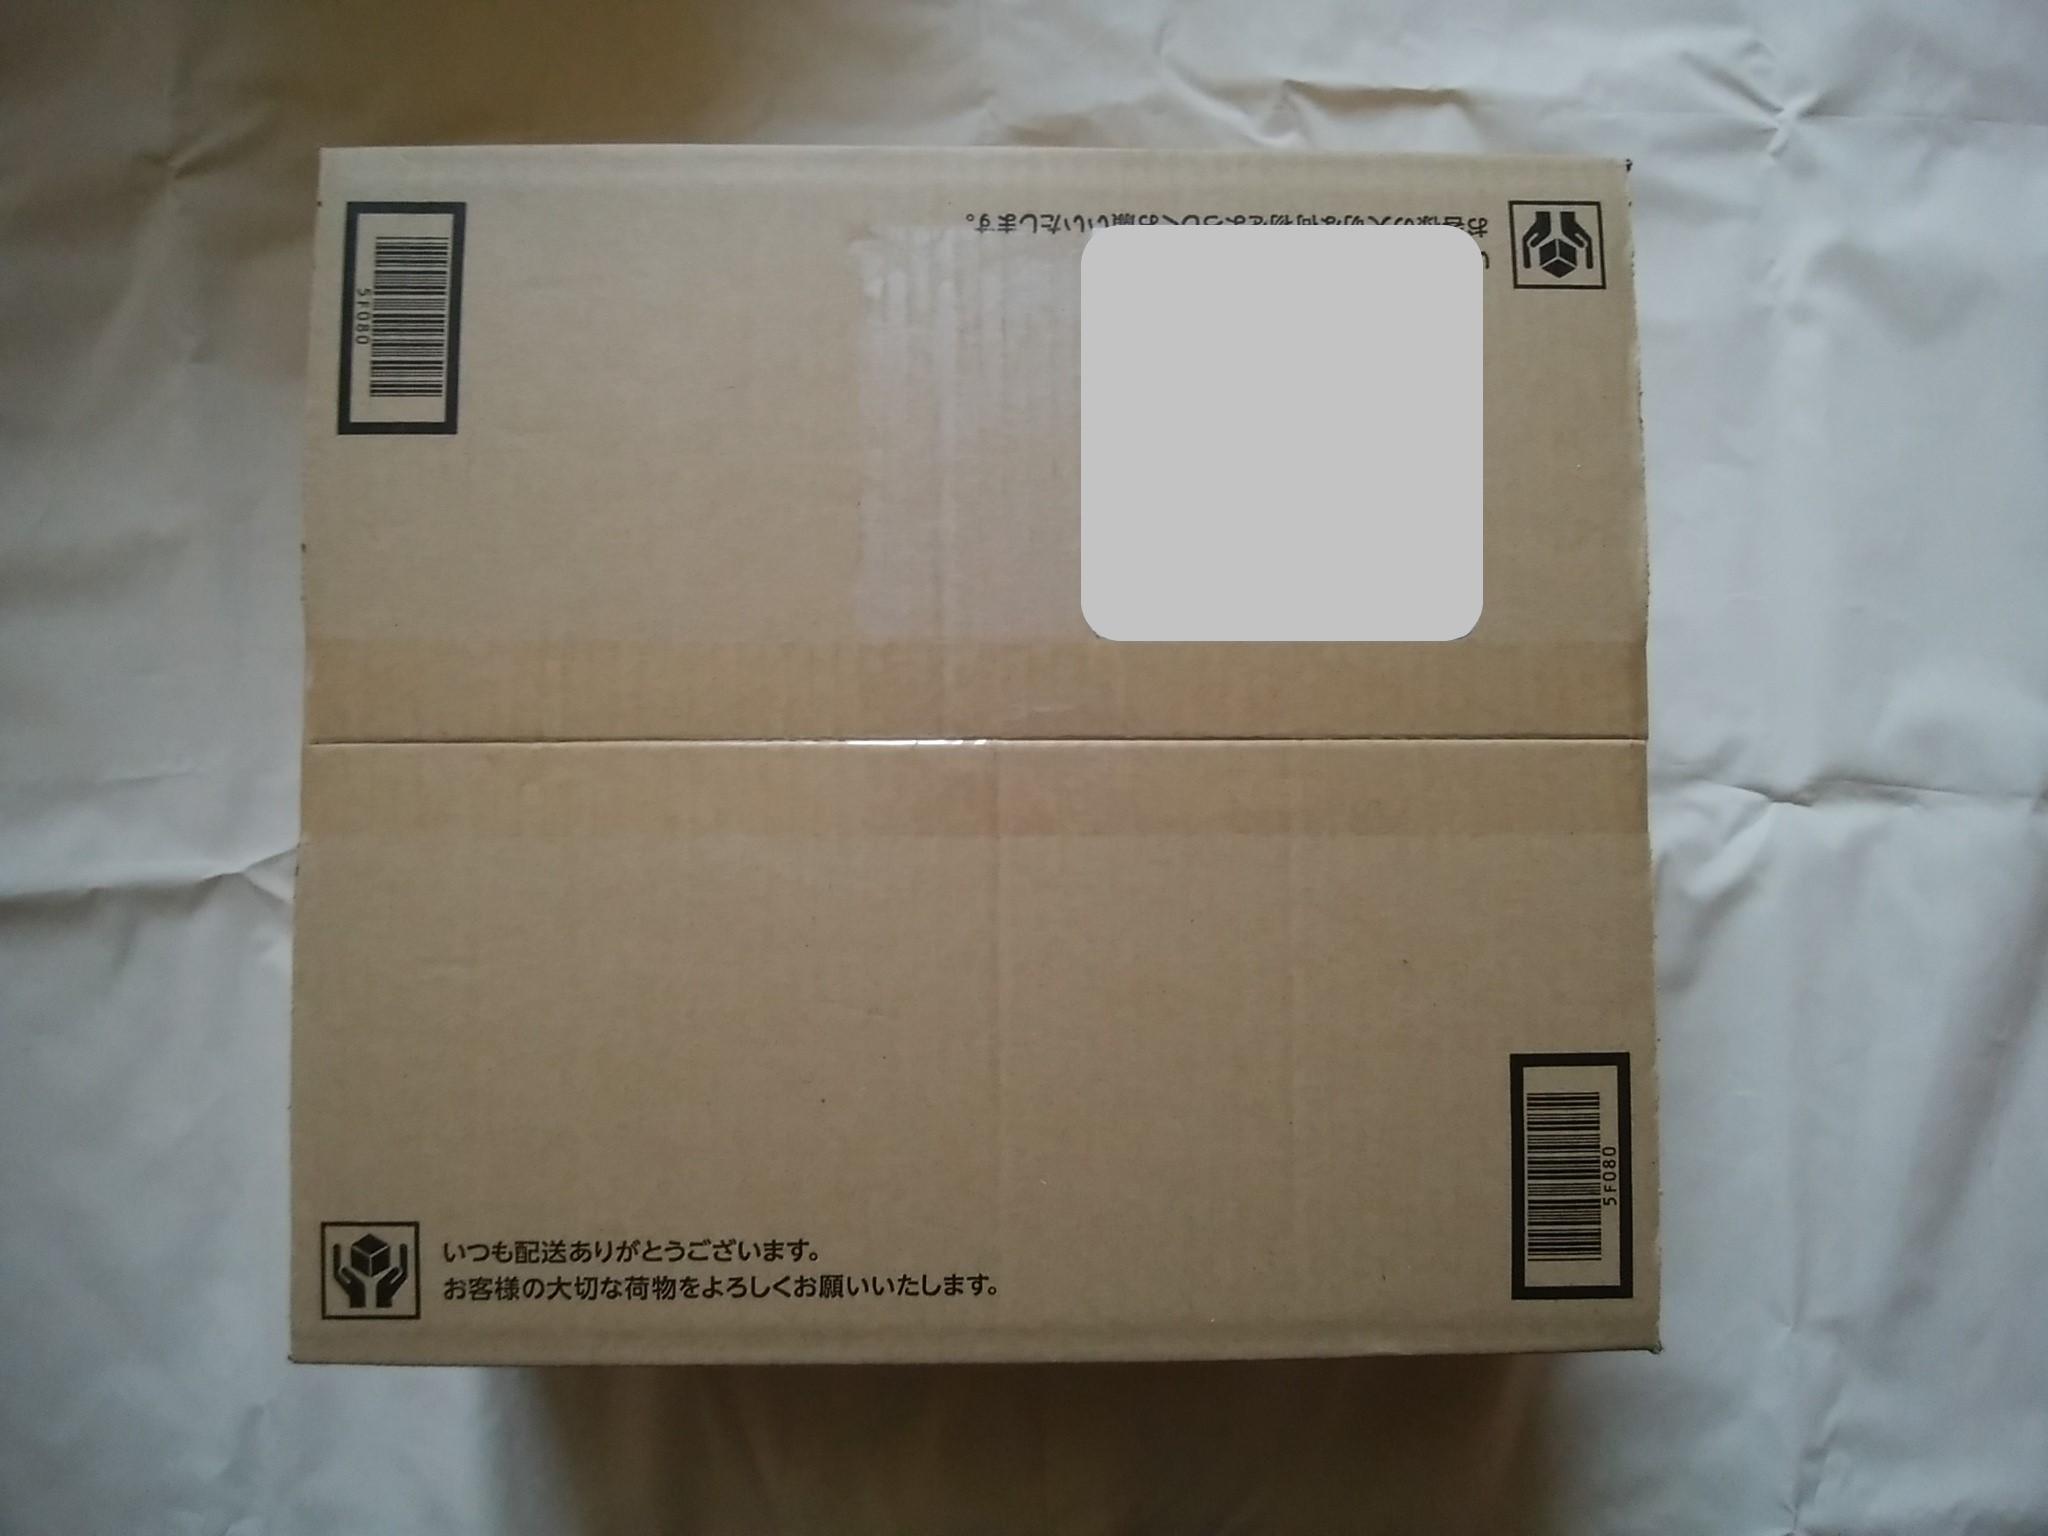 ジェルライトクッション箱